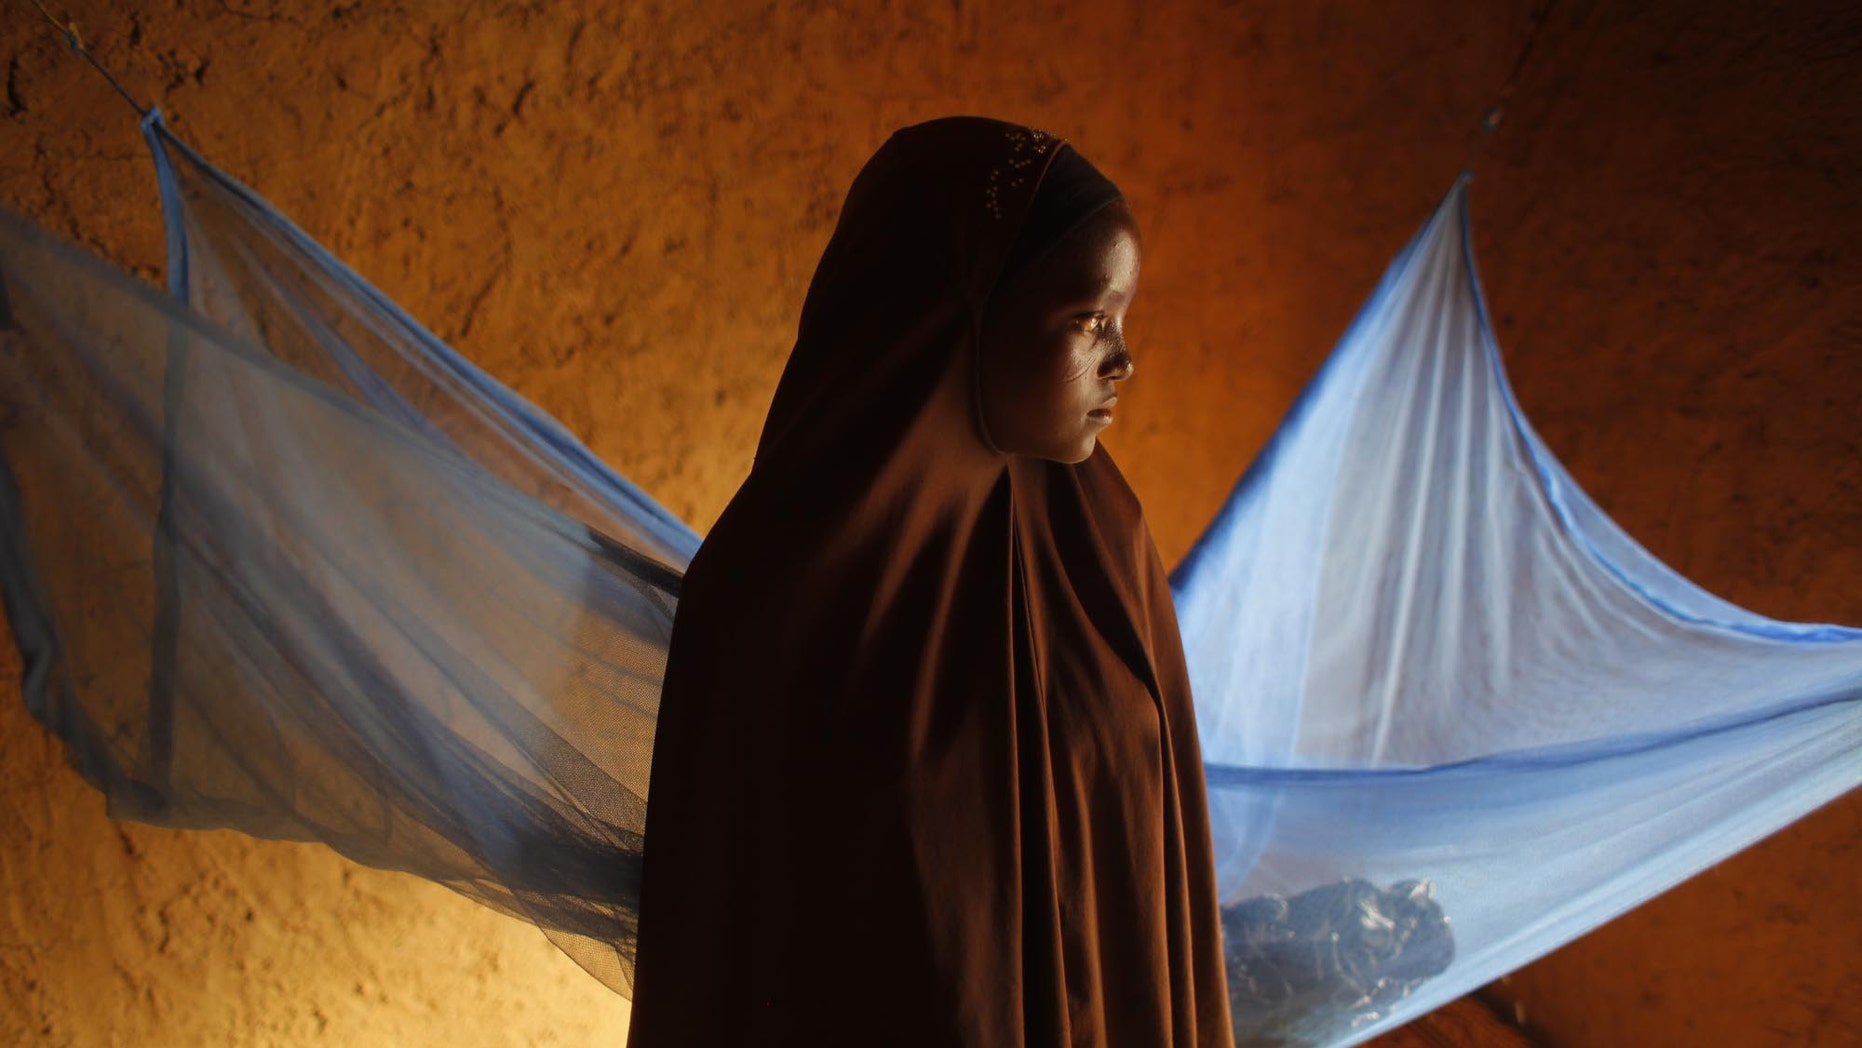 July 18, 2012 - FILE photo of Zali Idy, 12, posing in her bedroom in the remote village of Hawkantaki, Niger. Zali was married in 2011.